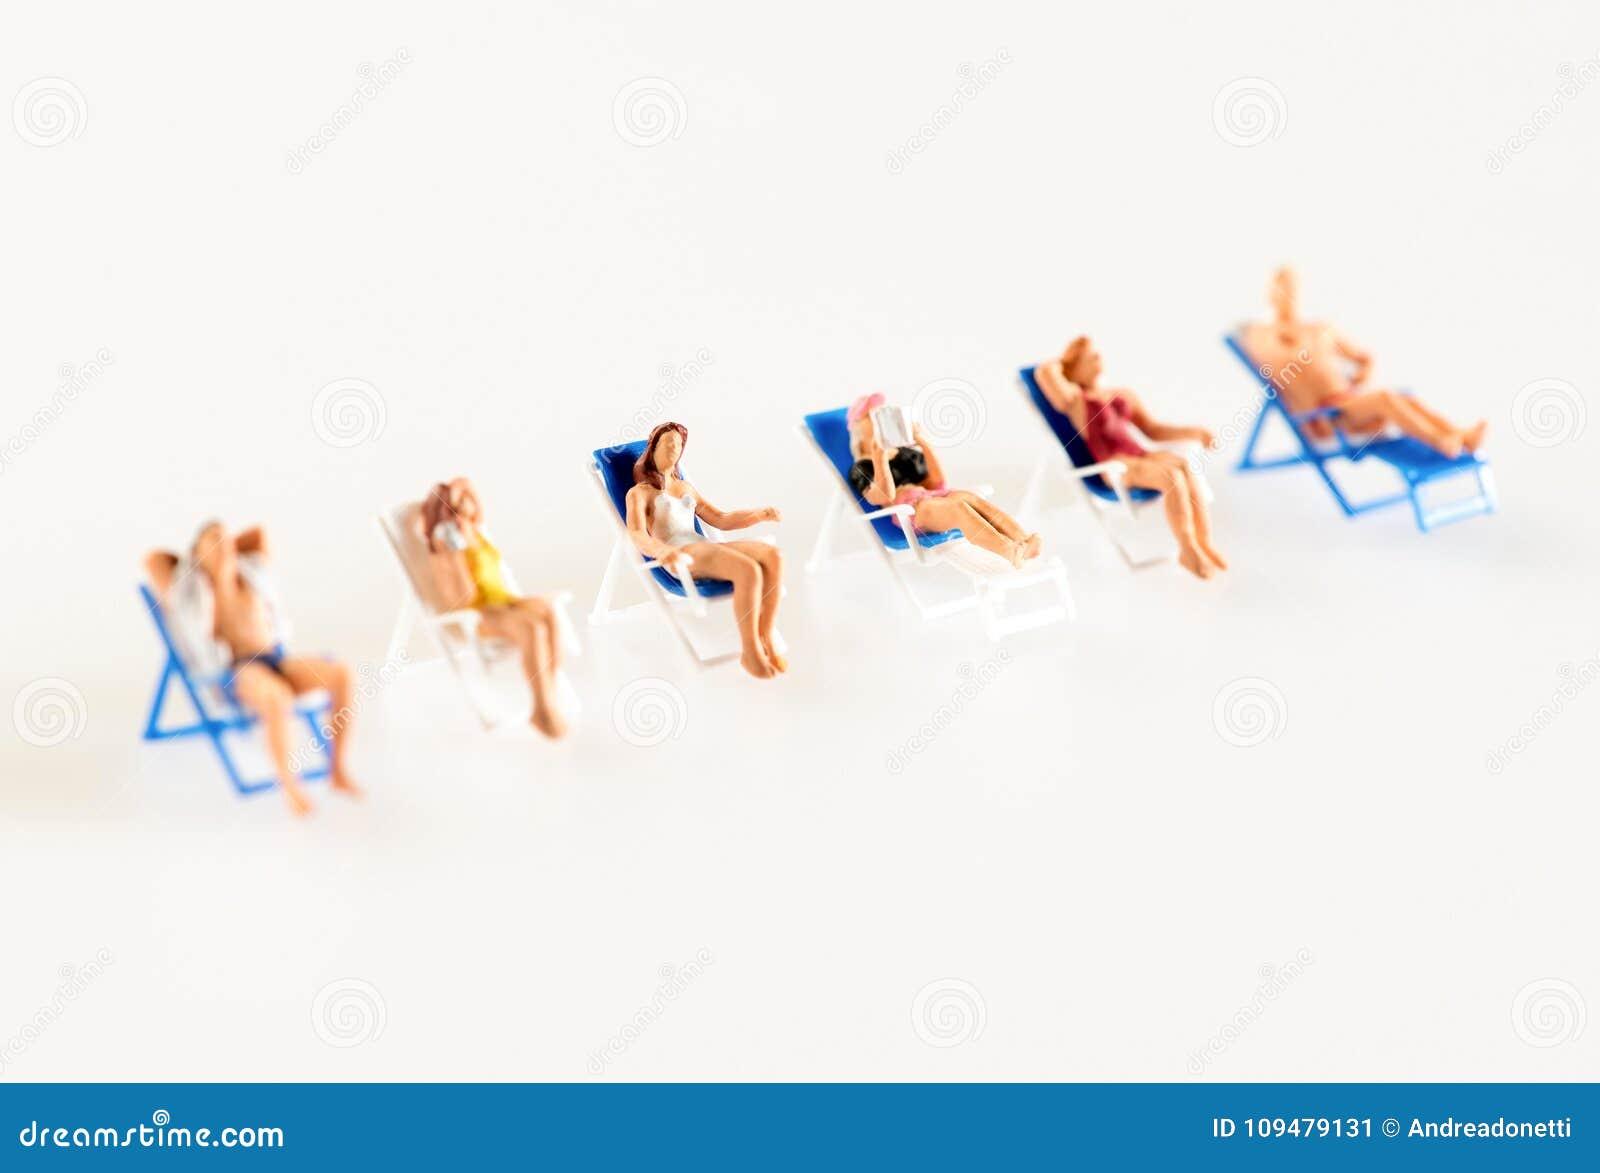 Sedie A Sdraio In Miniatura.Linea Di Gente Miniatura Che Si Rilassa Sulle Sedie A Sdraio